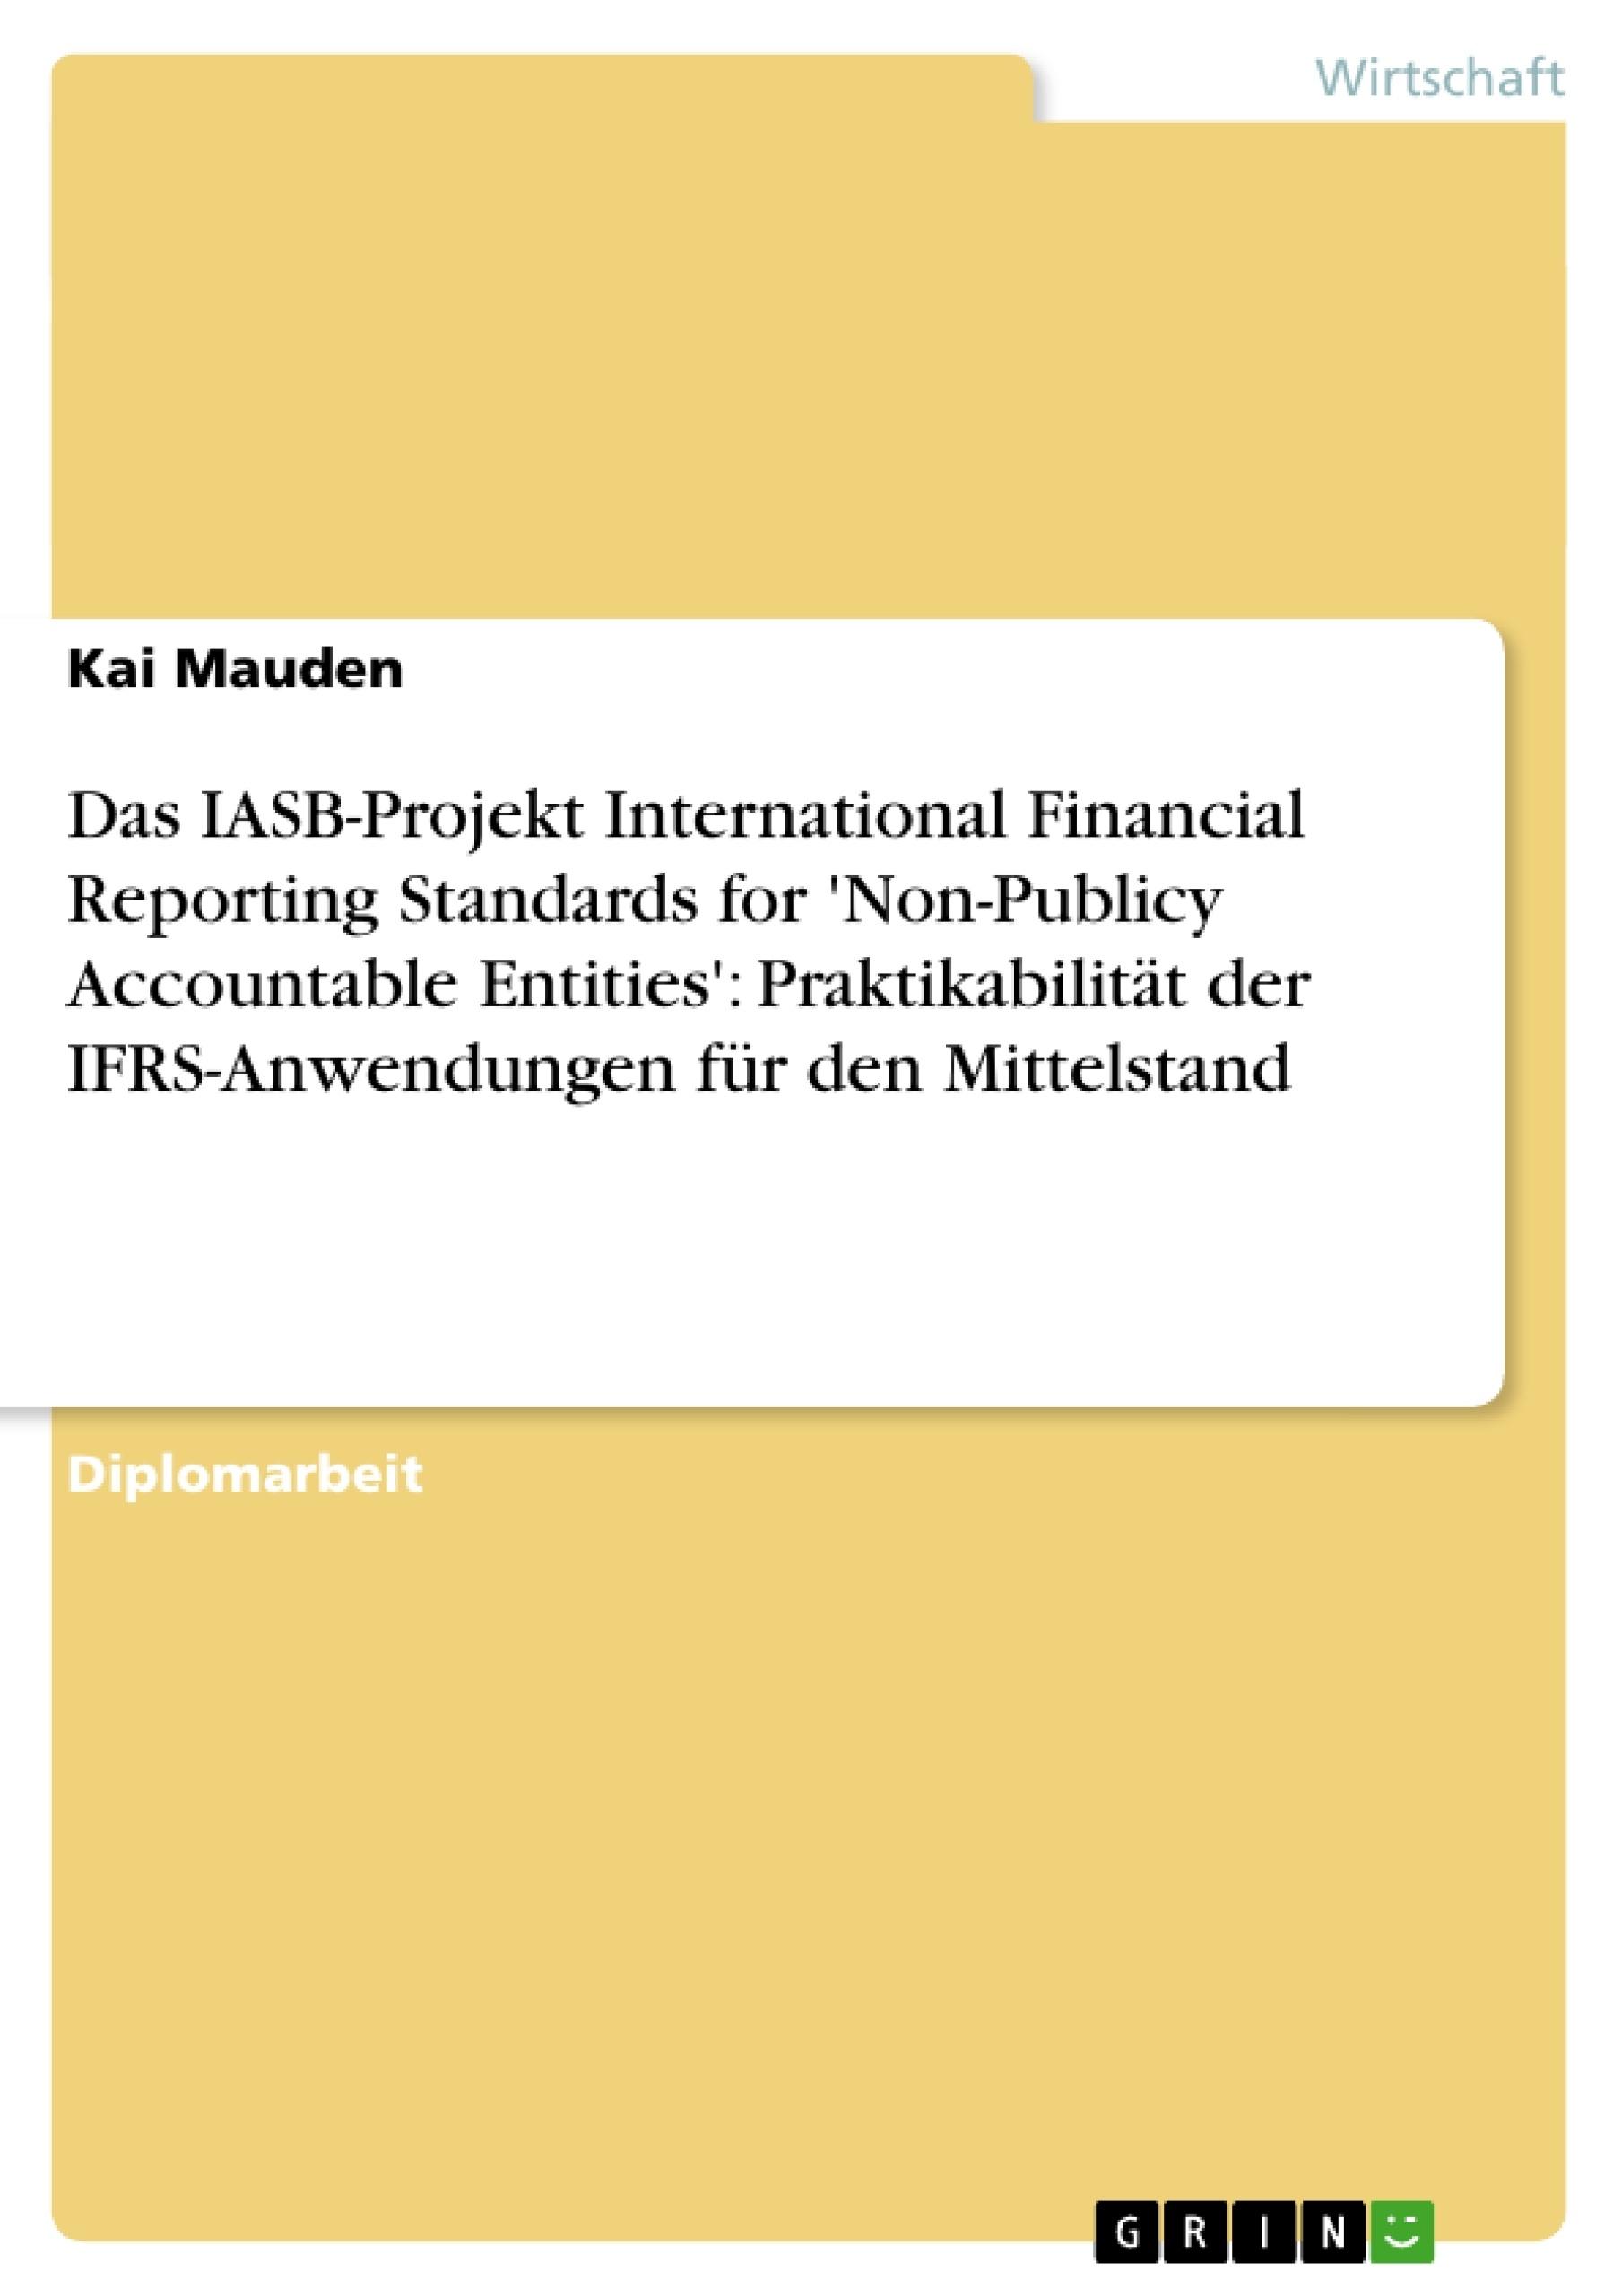 Titel: Das IASB-Projekt International Financial Reporting Standards for 'Non-Publicy Accountable Entities': Praktikabilität der IFRS-Anwendungen für den Mittelstand